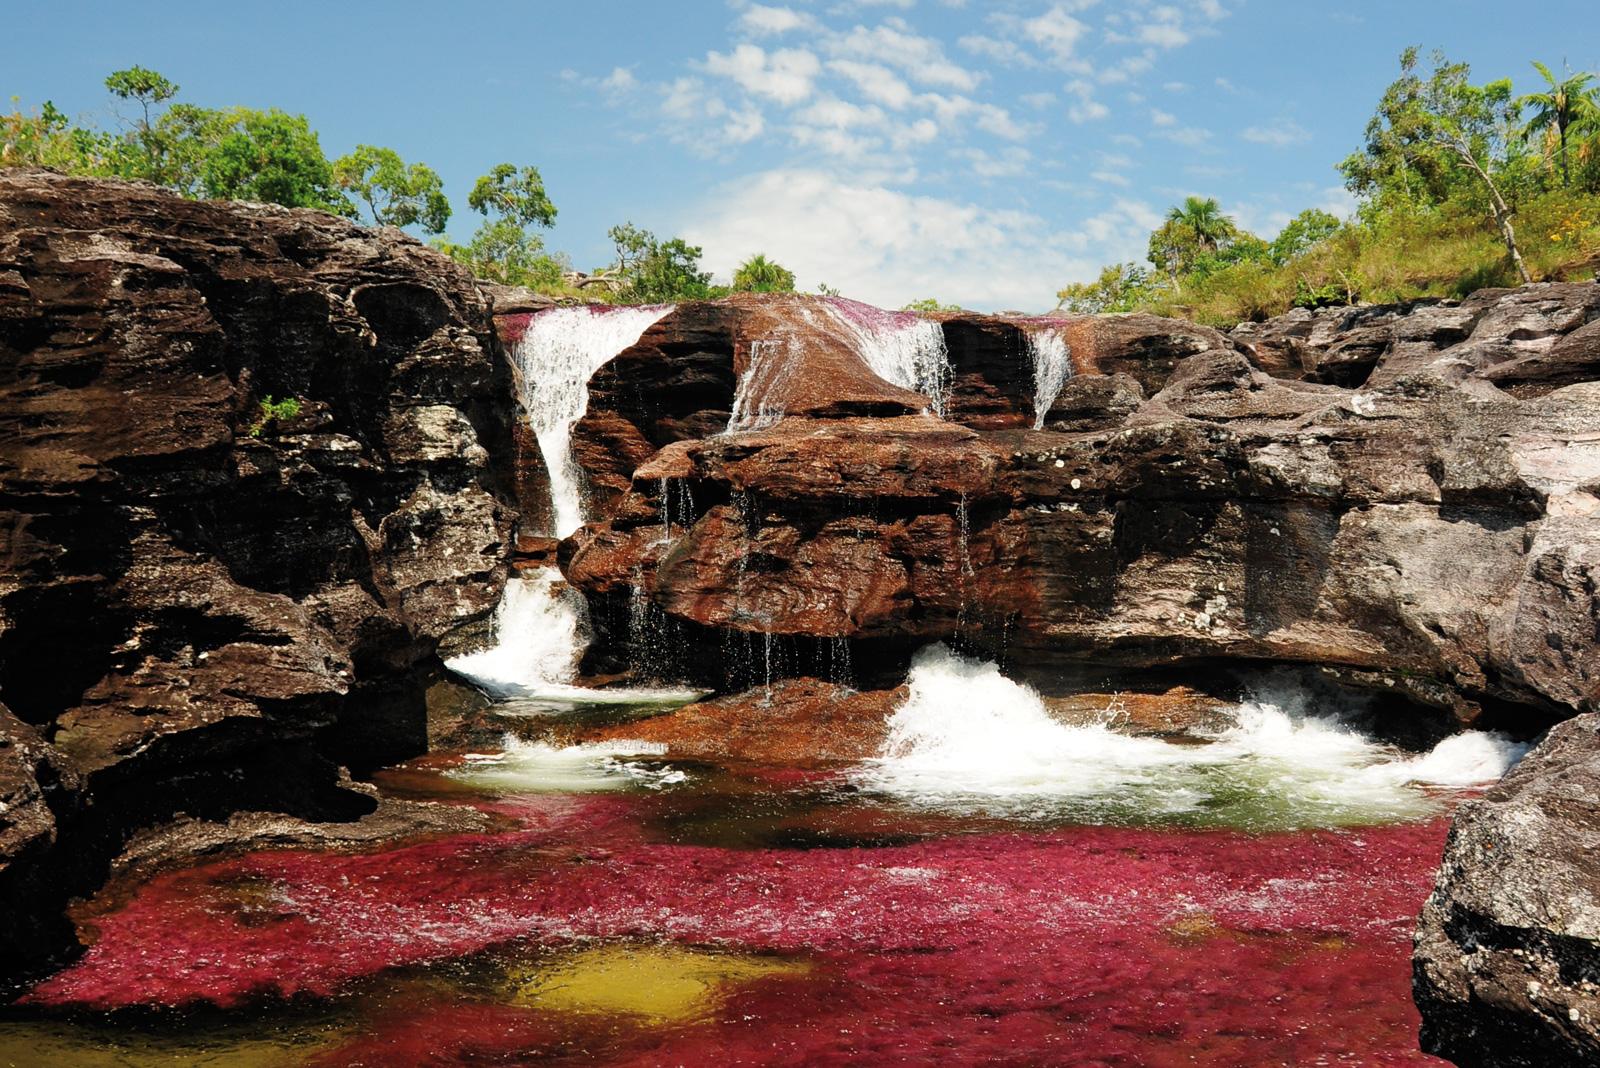 7 lieux à découvrir en Colombie (4) - Caño cristales